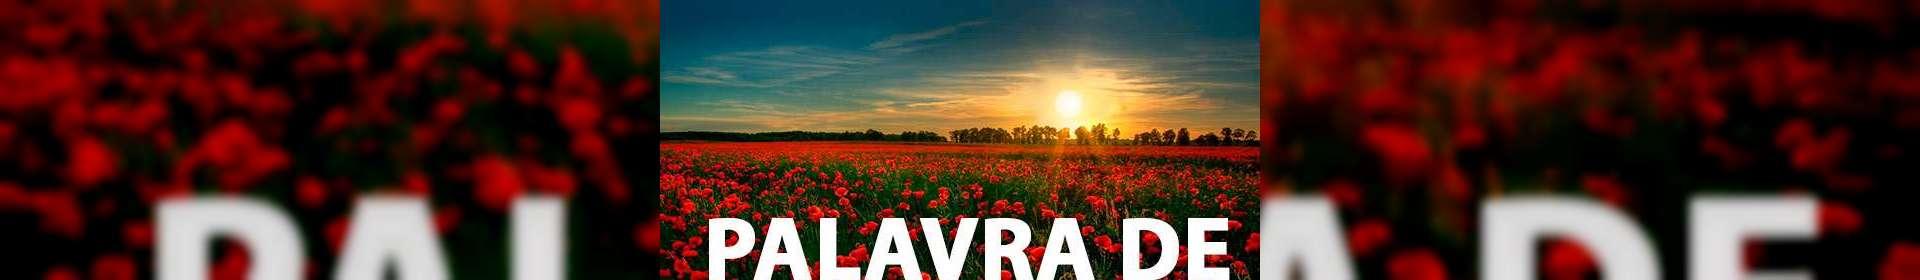 Salmos 127:1 - Uma Palavra de Esperança para sua vida